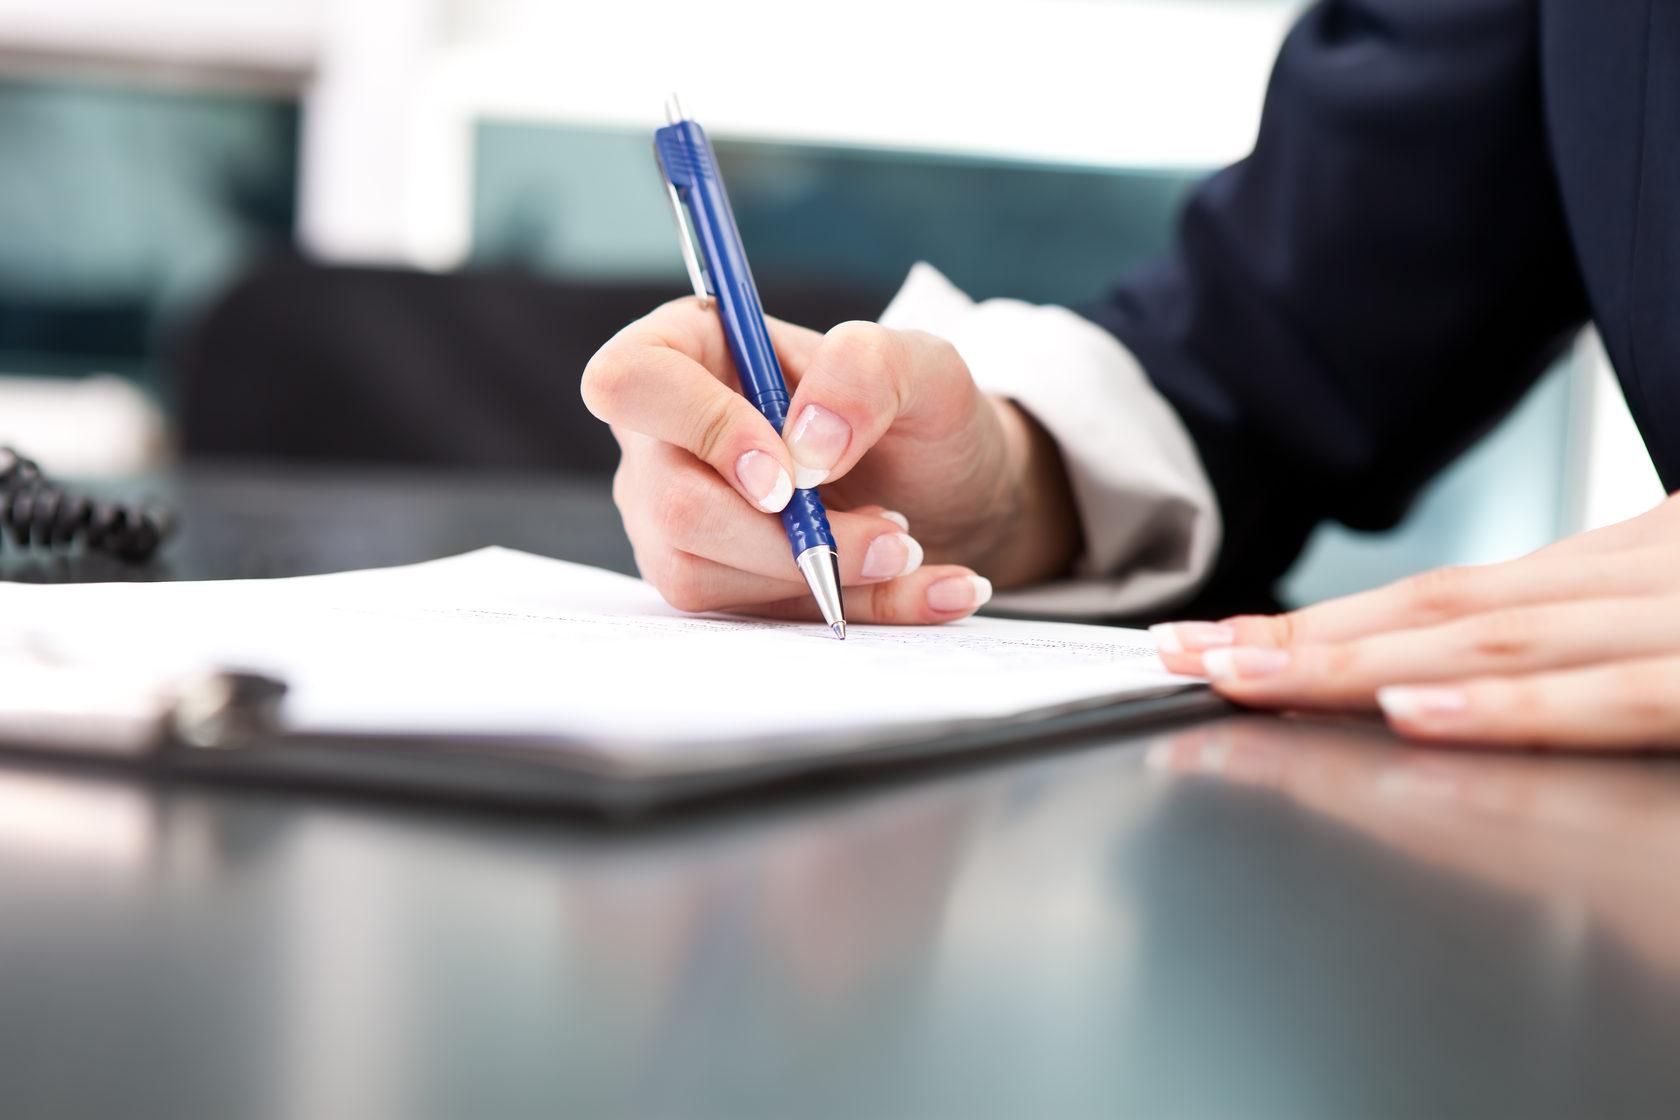 Нужна ли экспертному учреждению медицинская лицензия?